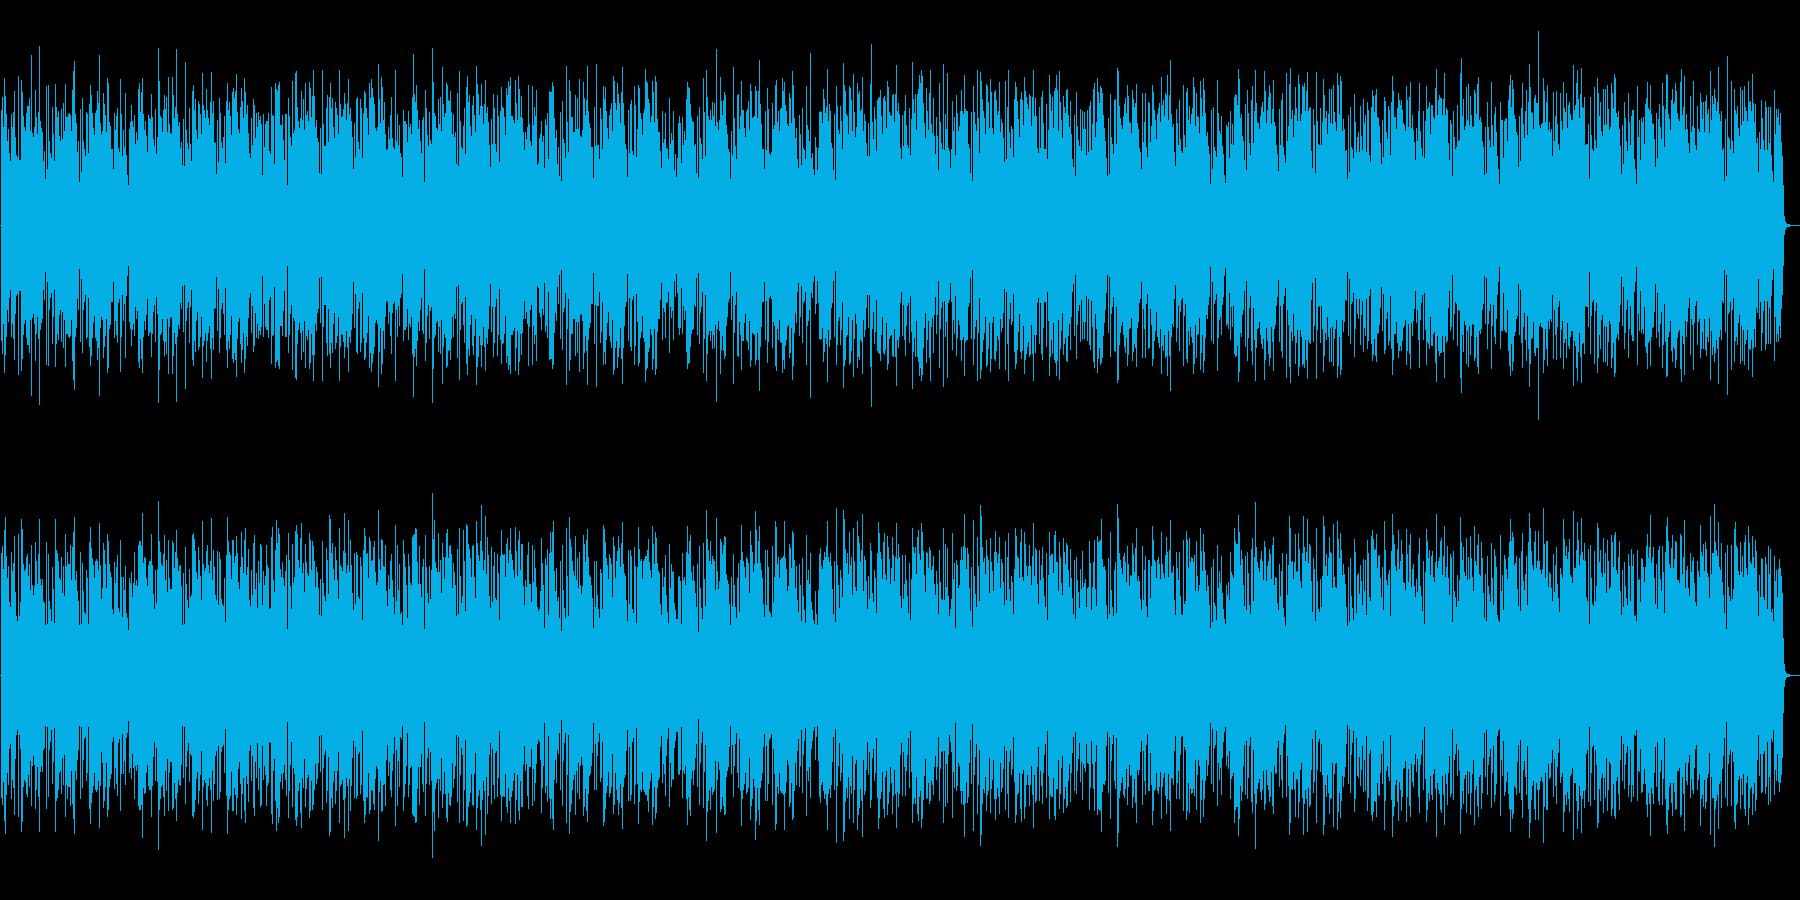 都会的でJazzyなピアノンベースの再生済みの波形